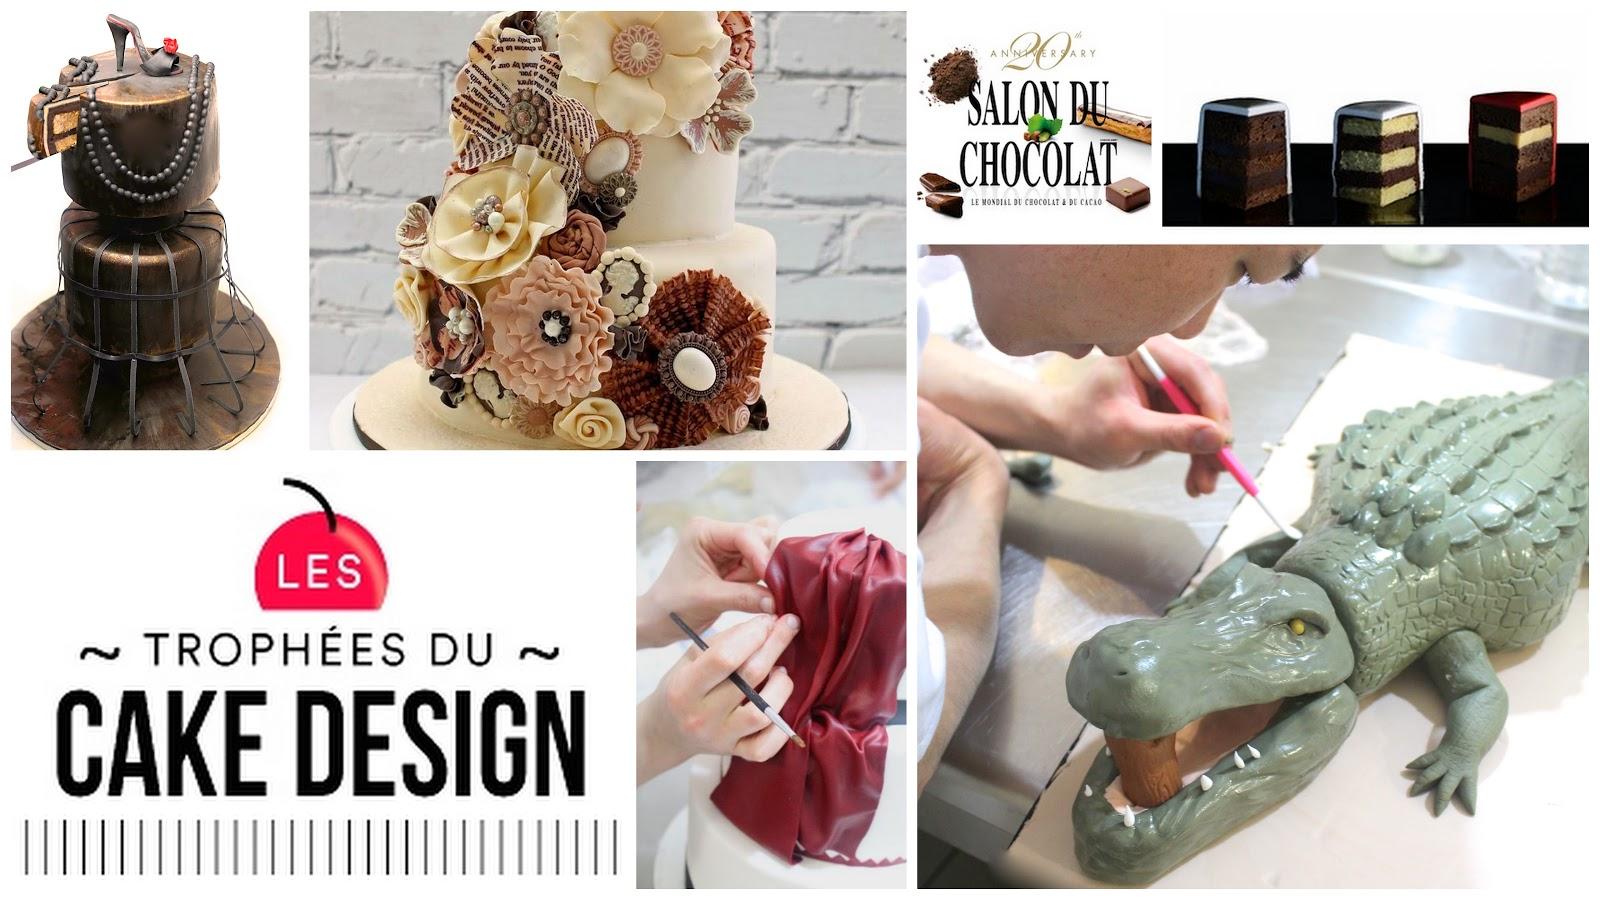 Briochine cake design paris france formation marion delaunay le meilleur pâtissier 2014